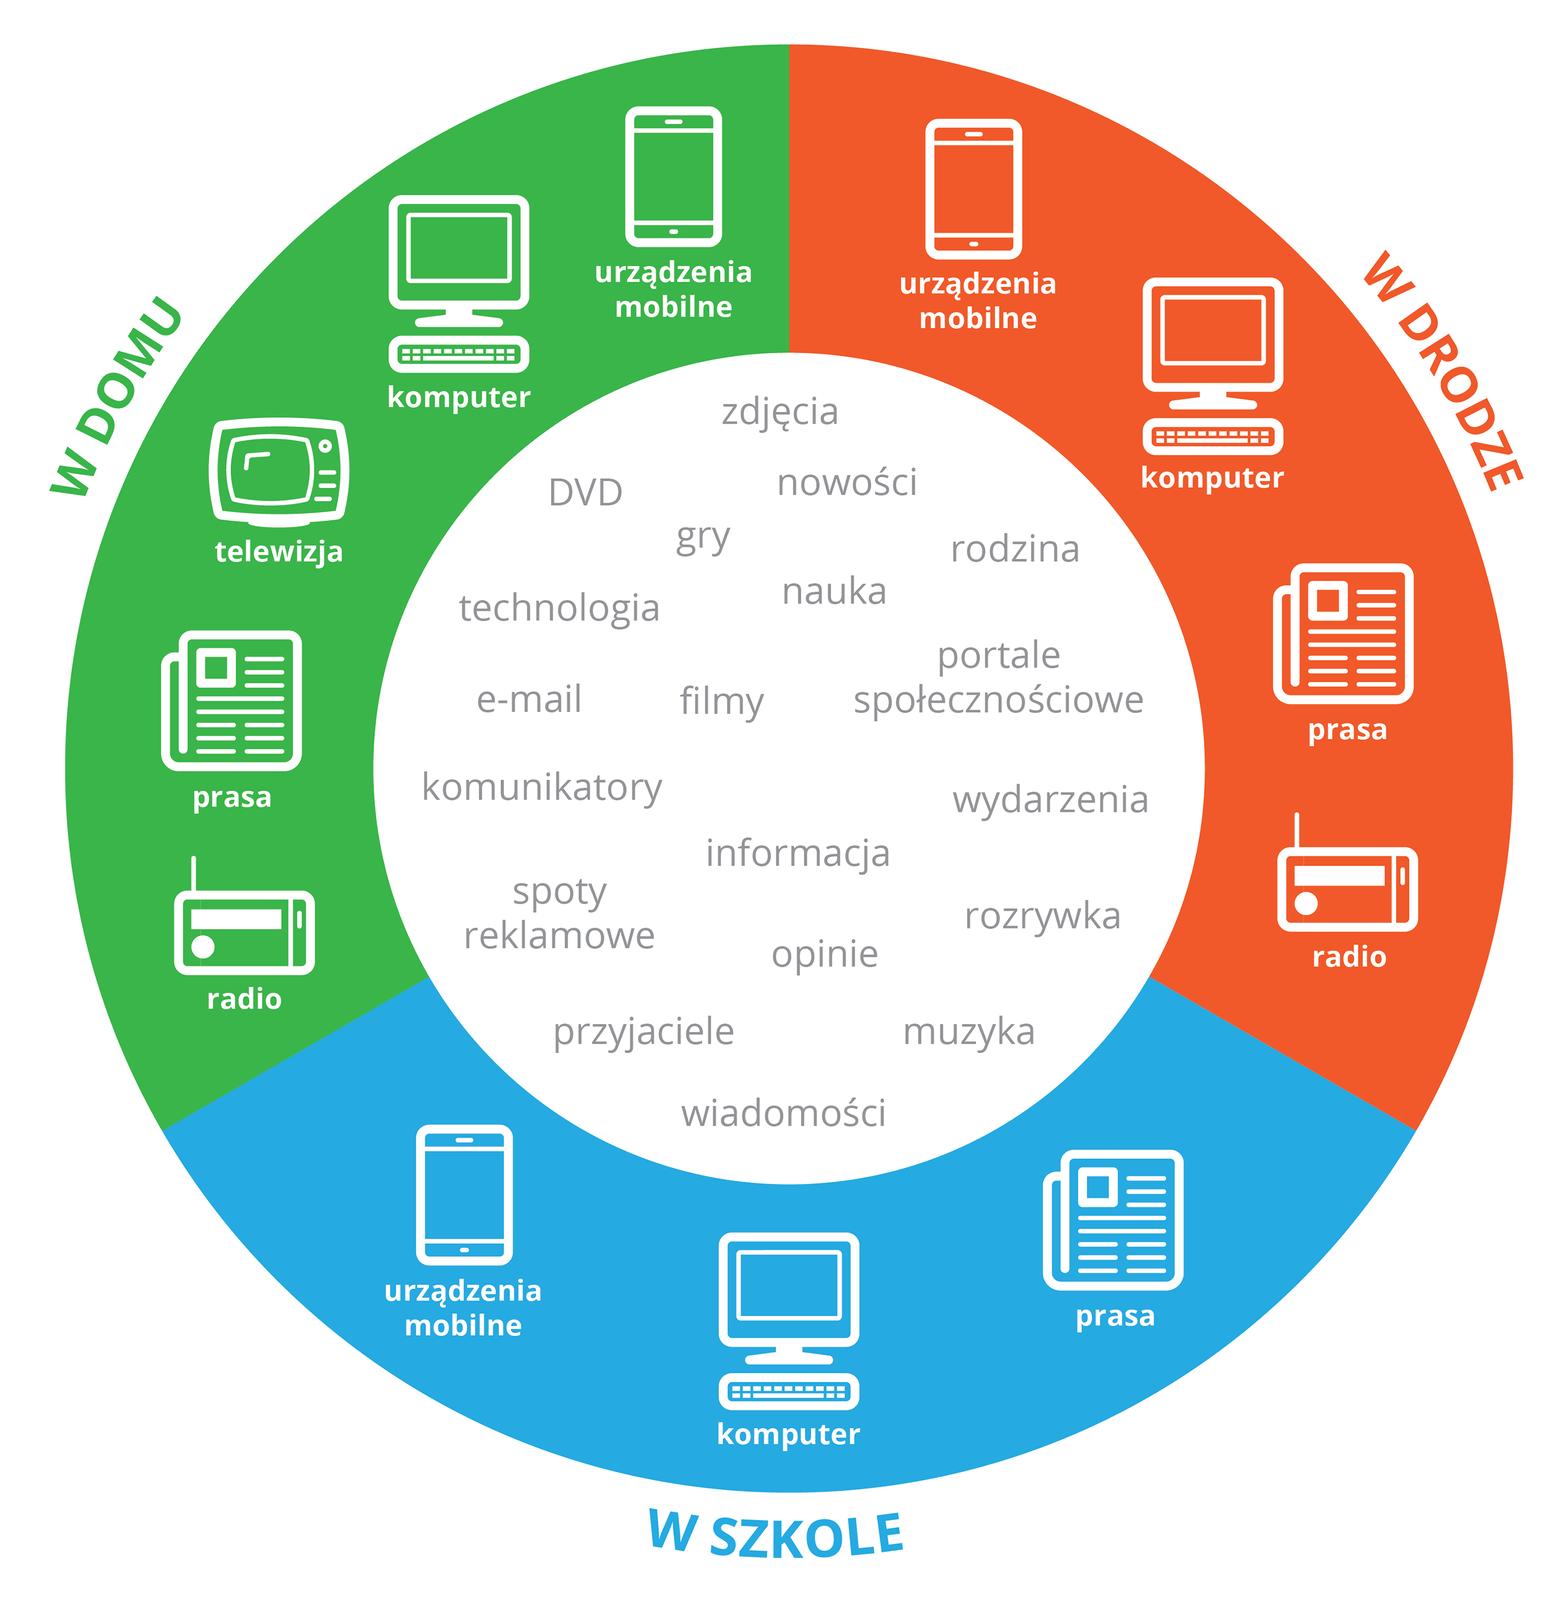 Ilustracja przedstawia schemat kołowy. Koło podzielone jest na 3 równe części. Wnętrze koła jest białe. Na białym tle wyrazy odnoszące się do sposobów przekazywania informacji. Np zdjęcia, DVD, gry, nauka, e-mail, filmy, spoty reklamowe, wiadomości, muzyka, portale społecznościowe, rodzina. 1/3 koła po prawej stronie jest wkolorze pomarańczowym. Odnosi się do 4 mediów masowych dostępnych wdrodze. Są to urządzenia mobilne, komputer, prasa, radio. 1/3 koła wdolnej części jest niebieska iodnosi się do szkoły. Zawiera trzy przykłady: urządzenia mobilne, komputer, prasa. 1/3 koła po prawej stronie wkolorze zielonym odnosi się do domu. Zawiera 5 przykładów: urządzenia mobilne, komputer, telewizja, prasa, radio.